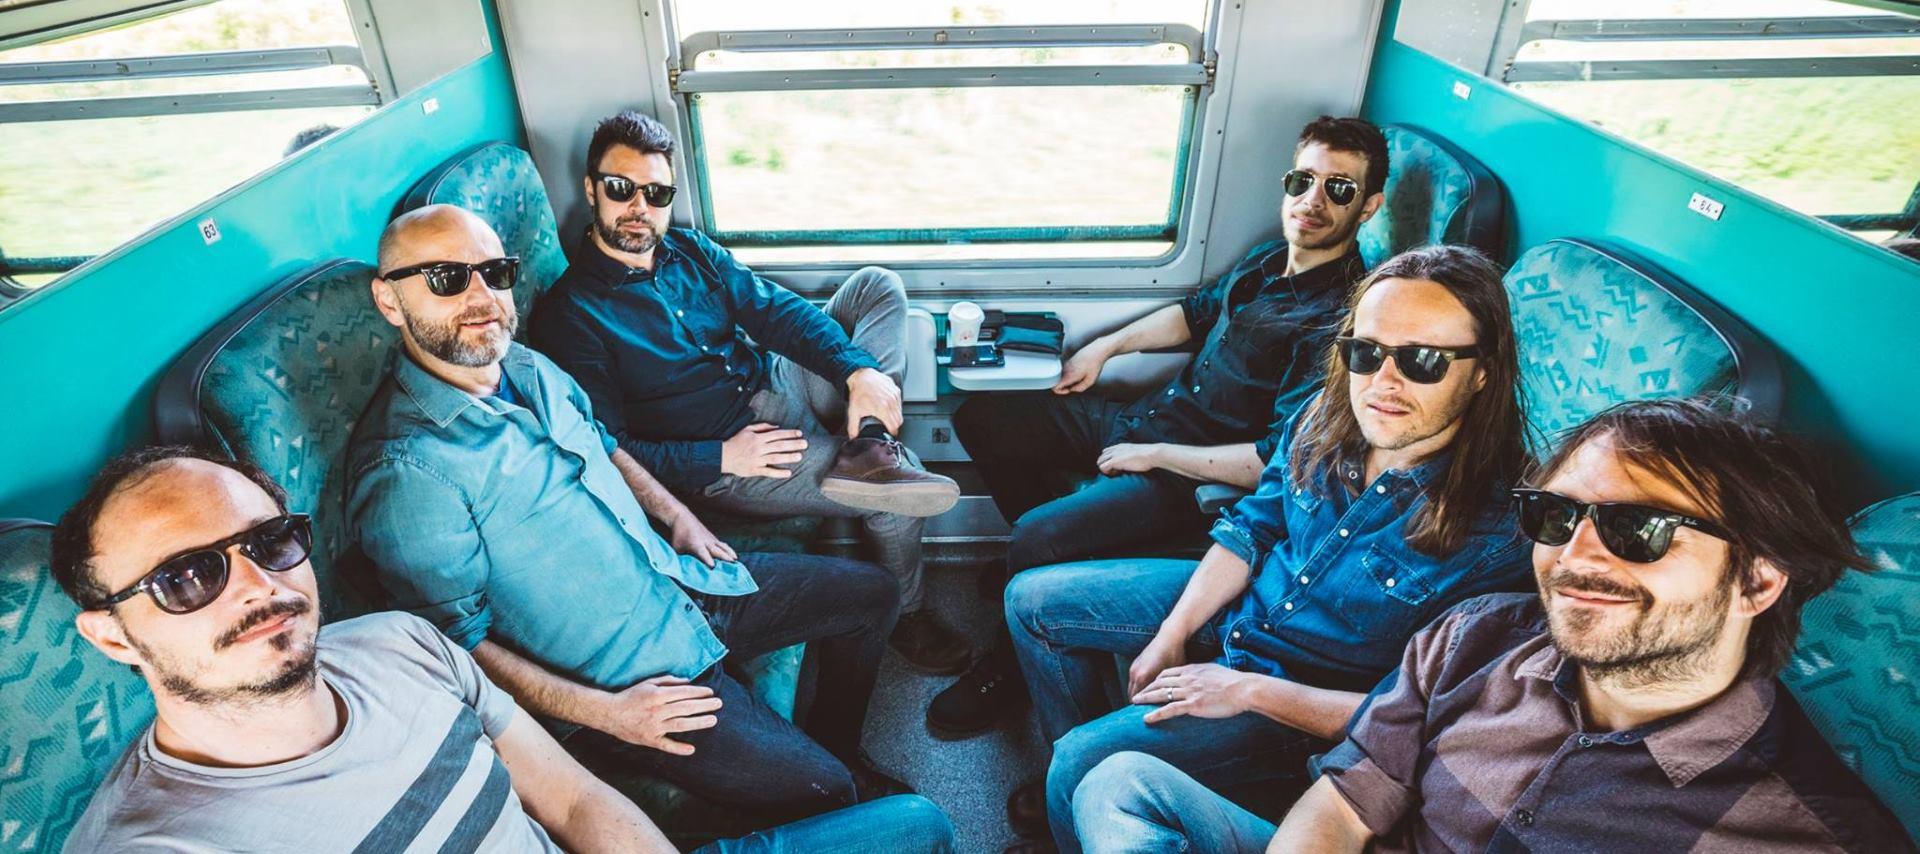 Koncert Mile Kekina povodom izlaska albuma 'Kuća bez krova'